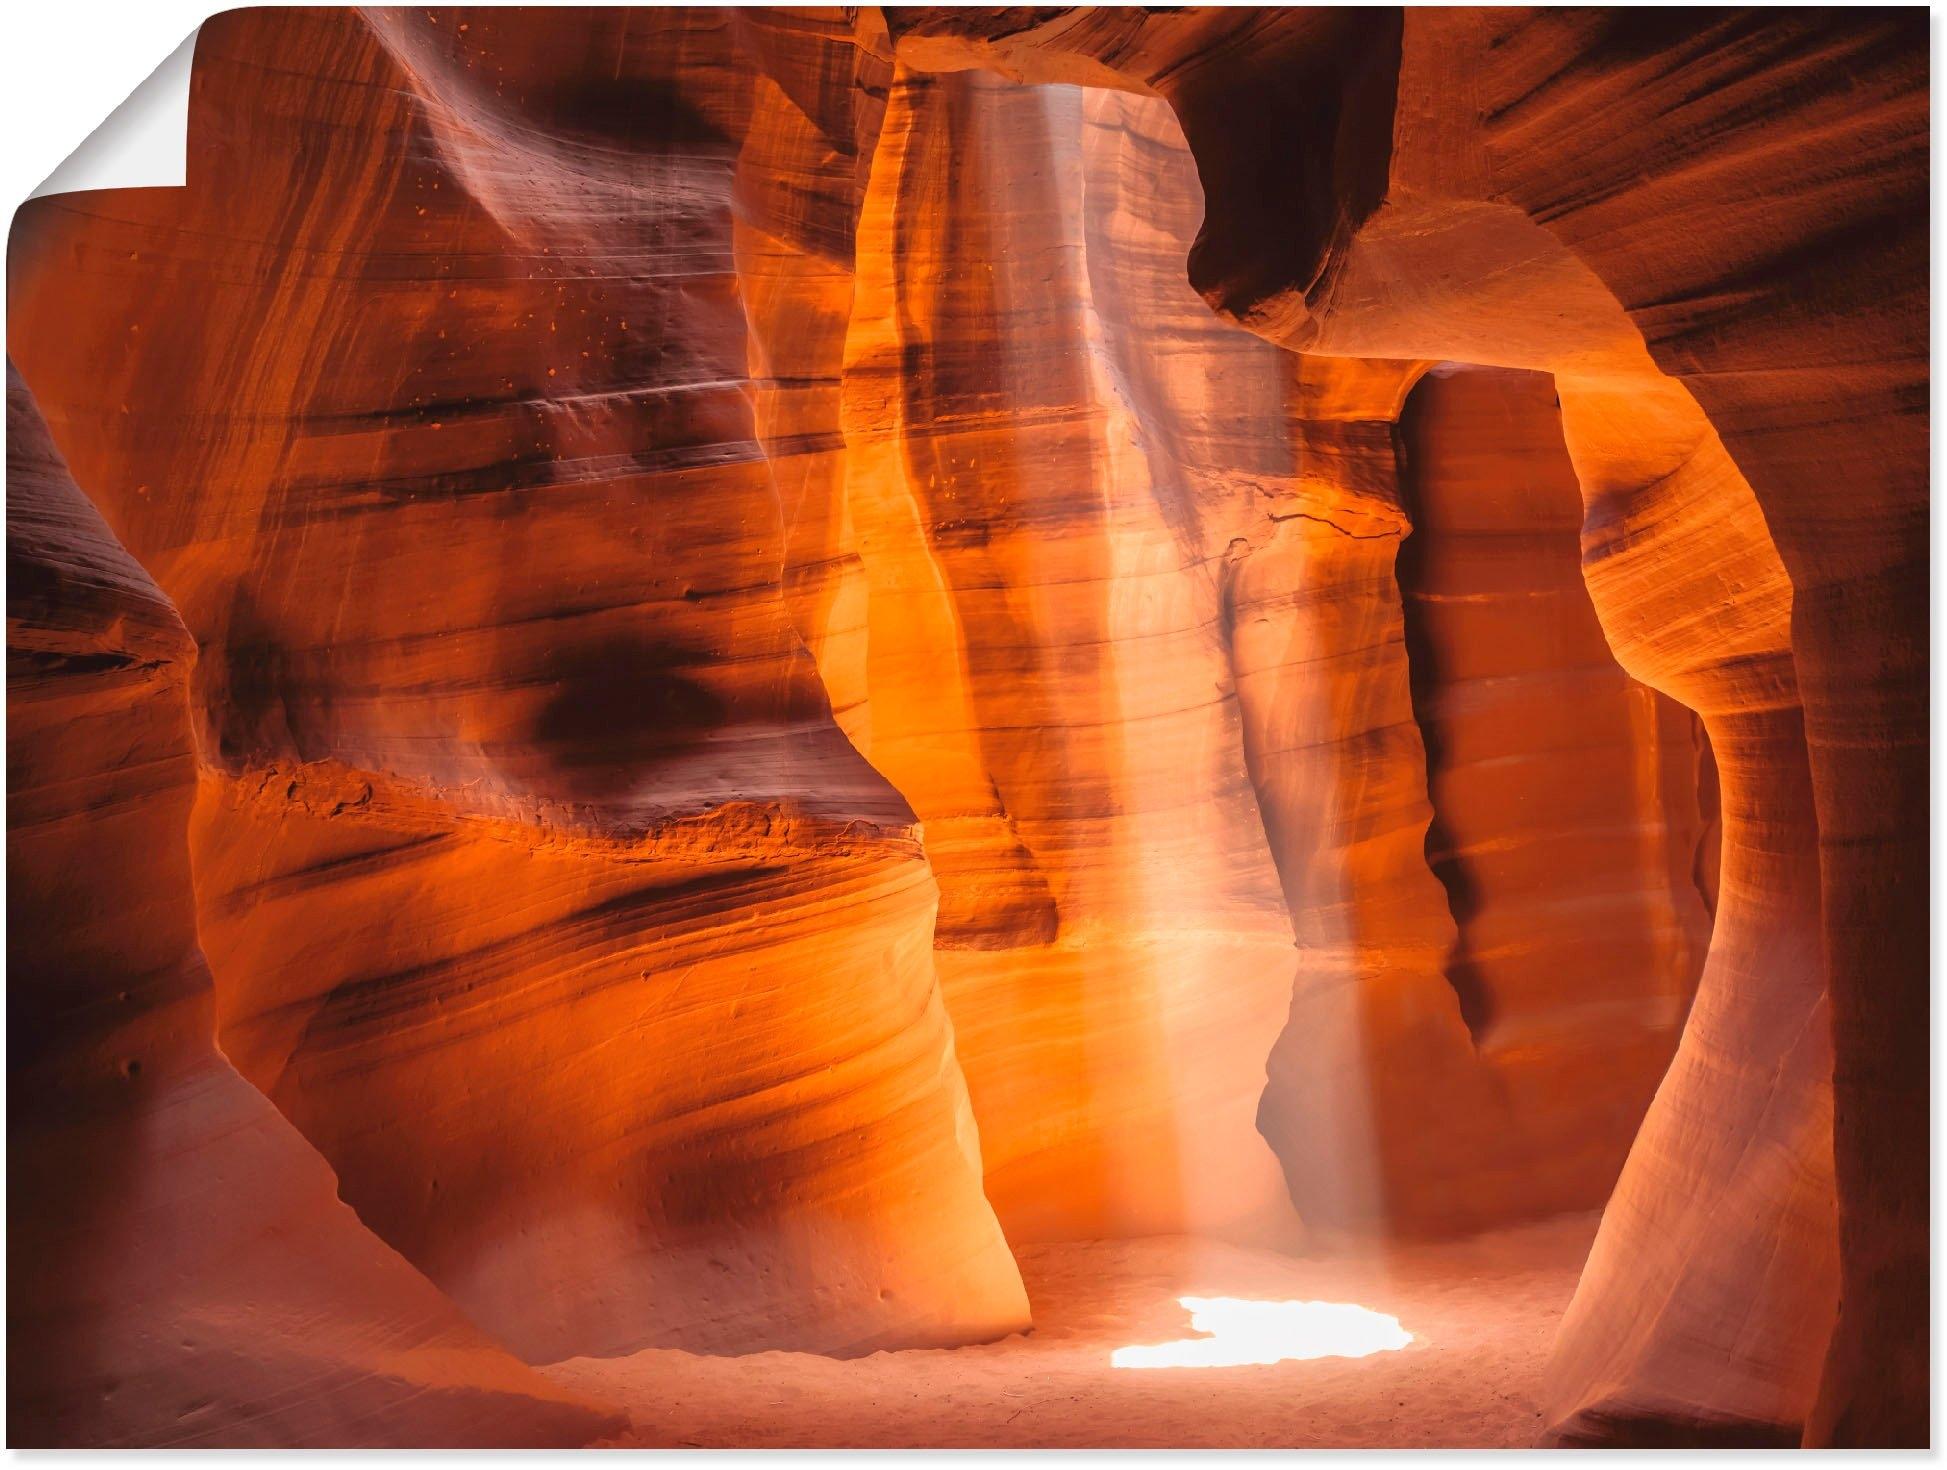 Artland artprint Antelope Canyon lichtzuil II in vele afmetingen & productsoorten - artprint van aluminium / artprint voor buiten, artprint op linnen, poster, muursticker / wandfolie ook geschikt voor de badkamer (1 stuk) - gratis ruilen op otto.nl